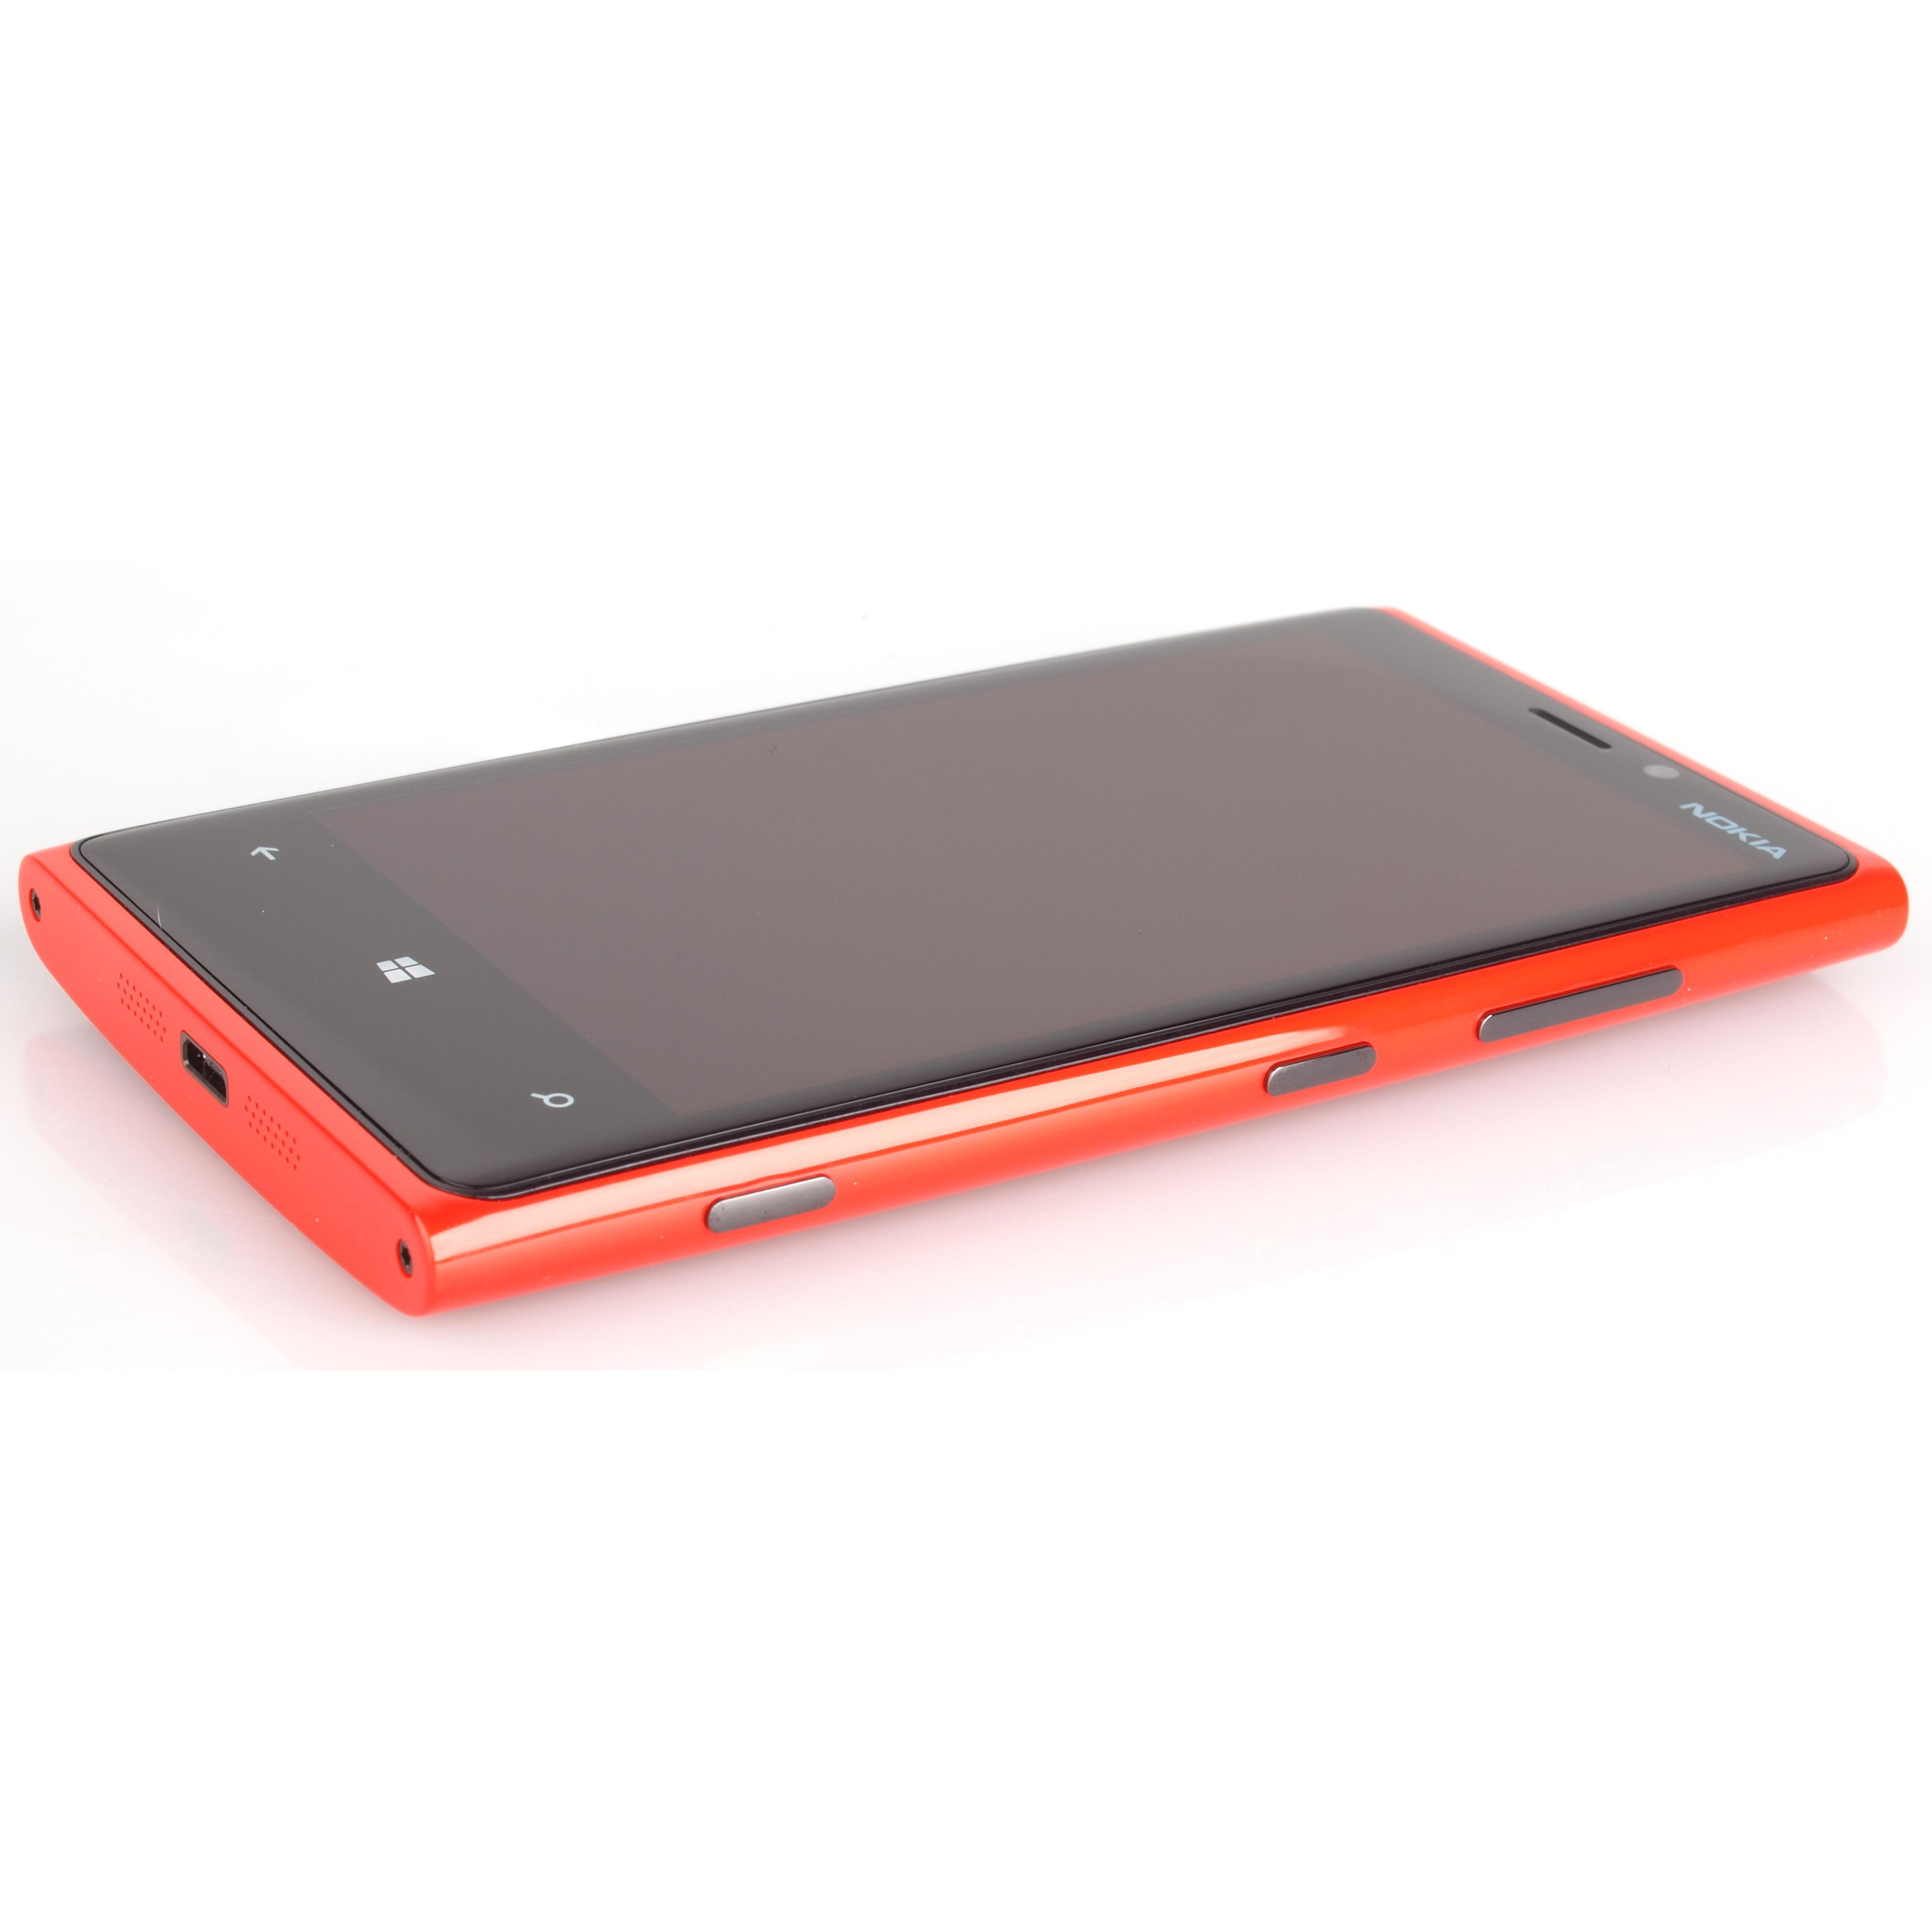 Nokia Lumia 920 - 32 Go - Rouge -  Débloqué